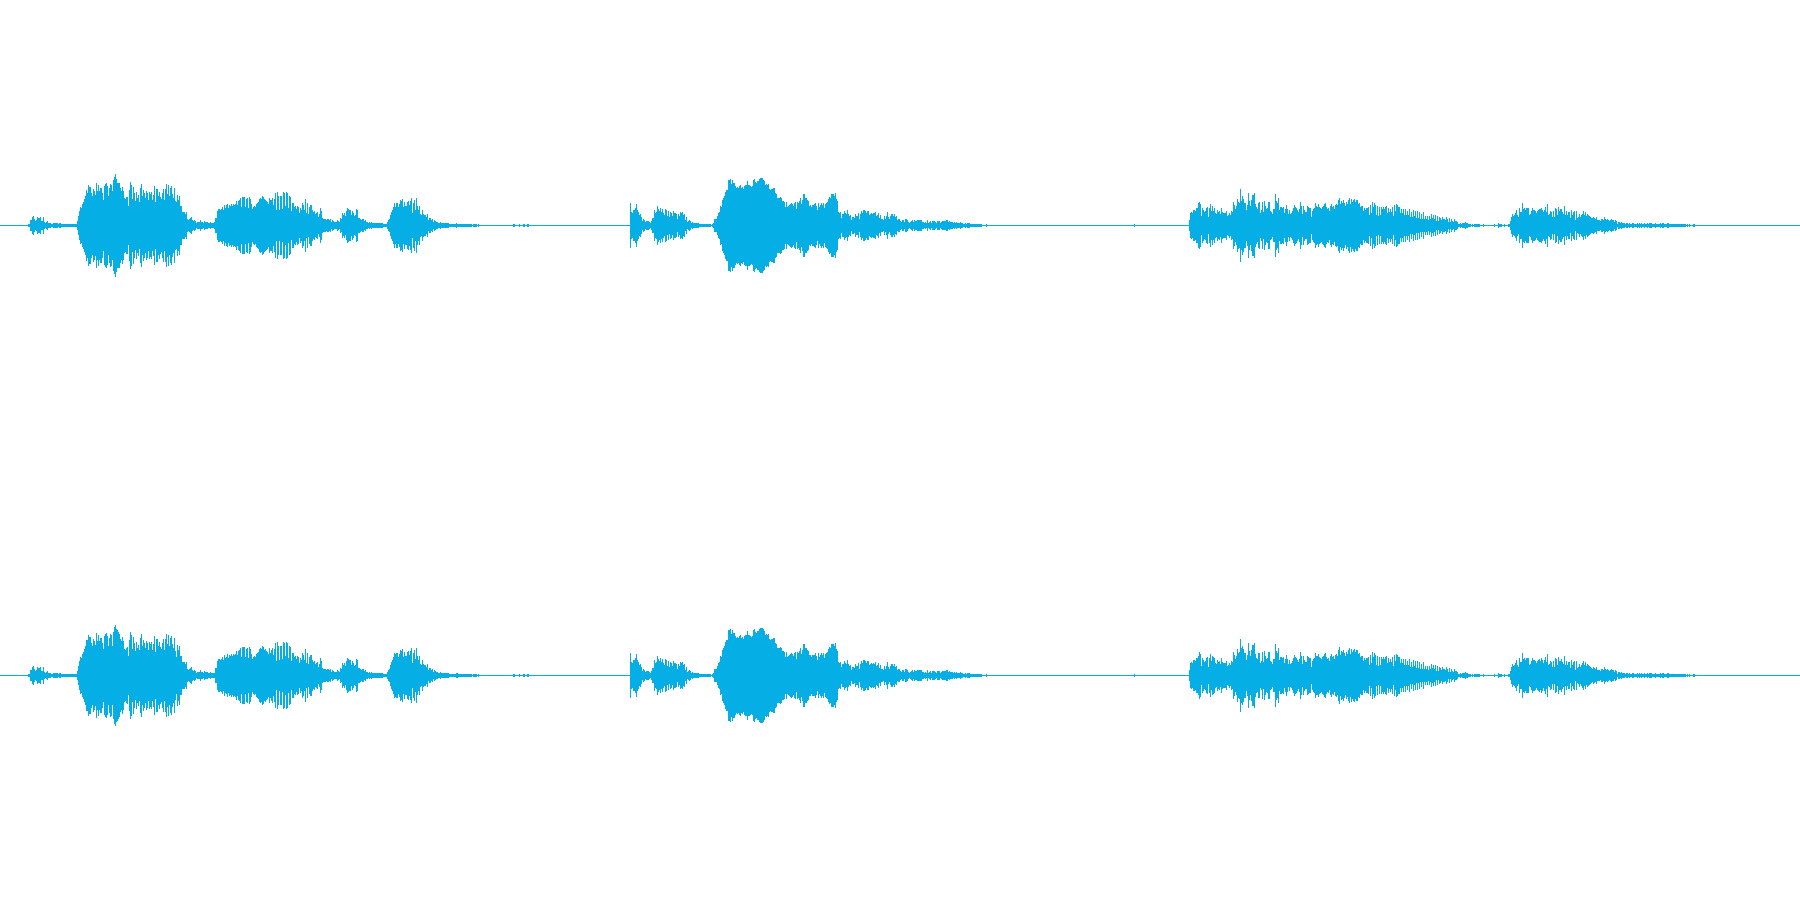 赤ちゃんの自然な笑い声の再生済みの波形